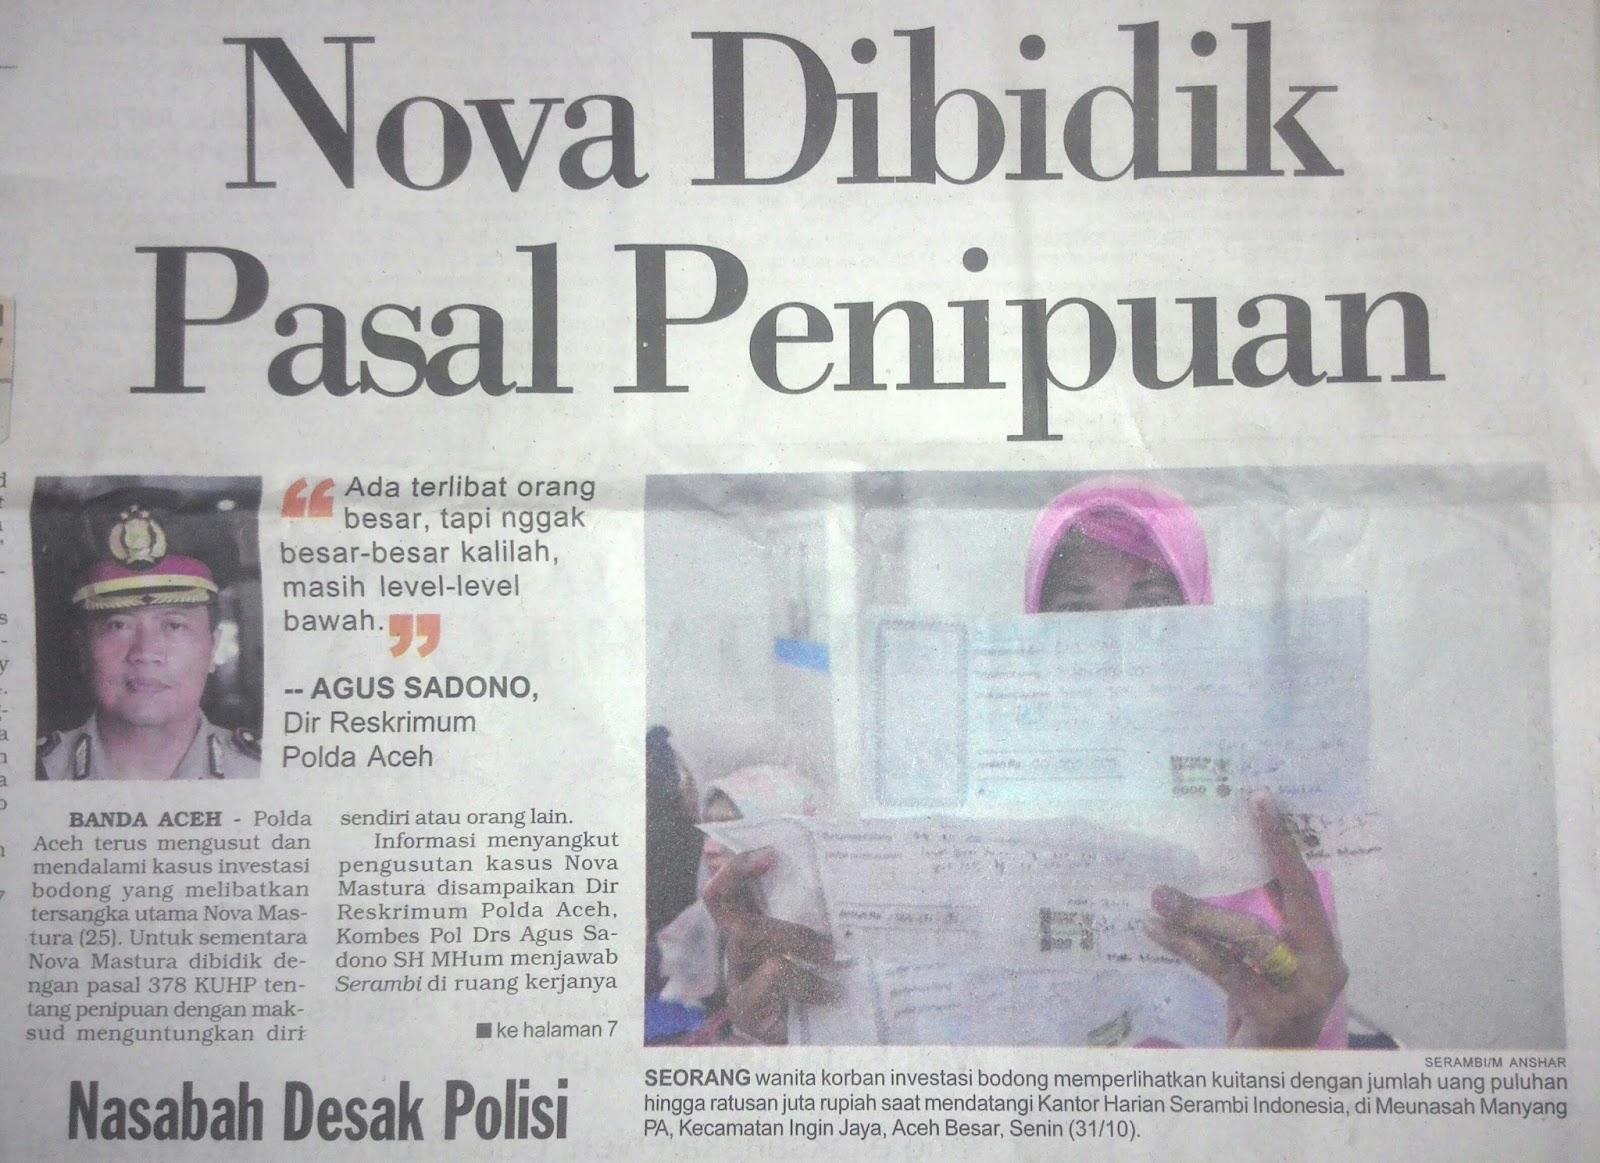 Kliping Koran Investasi Bodong Tertipu